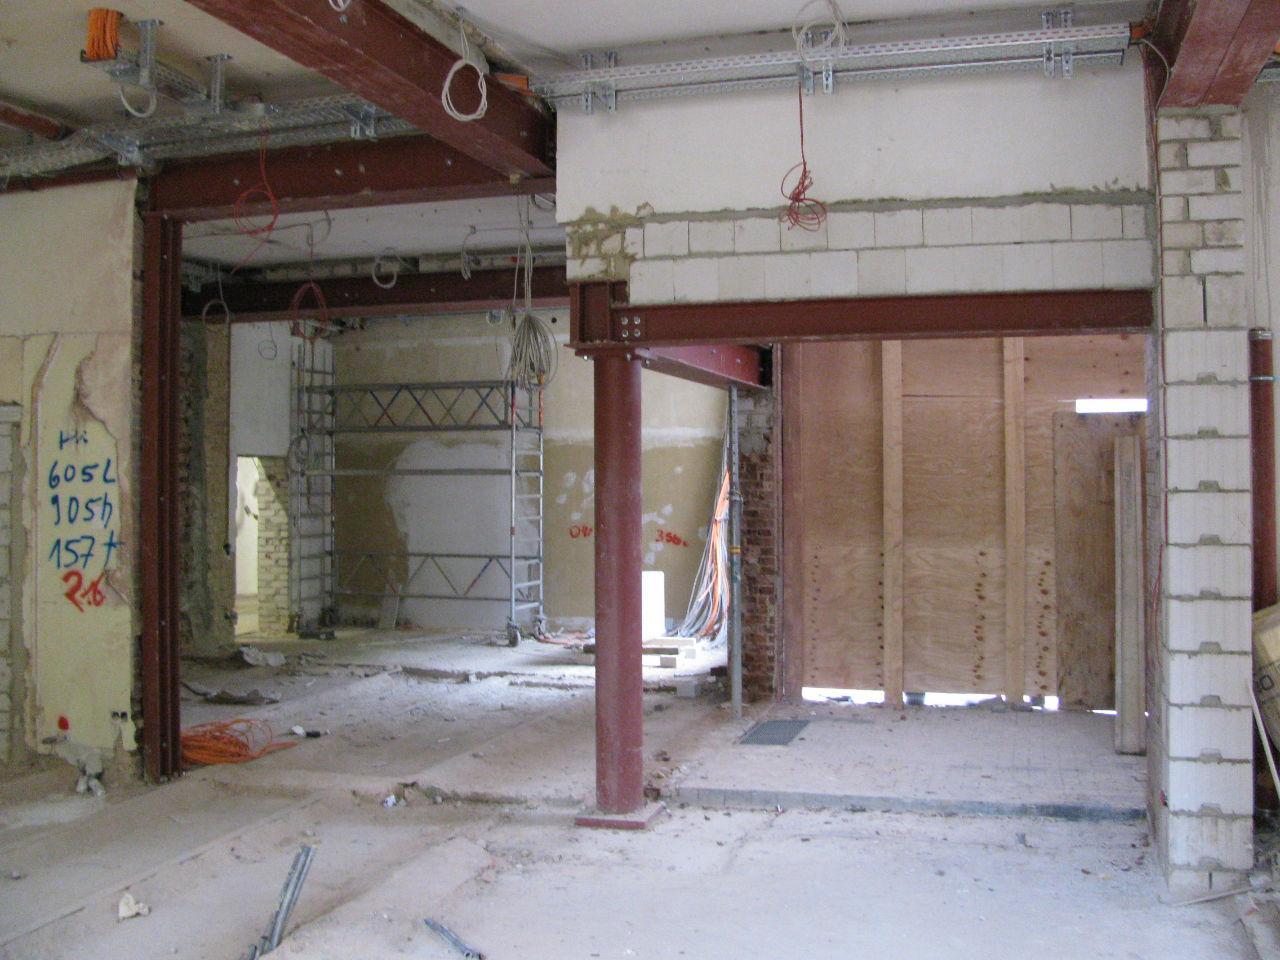 Umbau - Bauingenieur - Viersen, Mönchengladbach - Bauen im Bestand